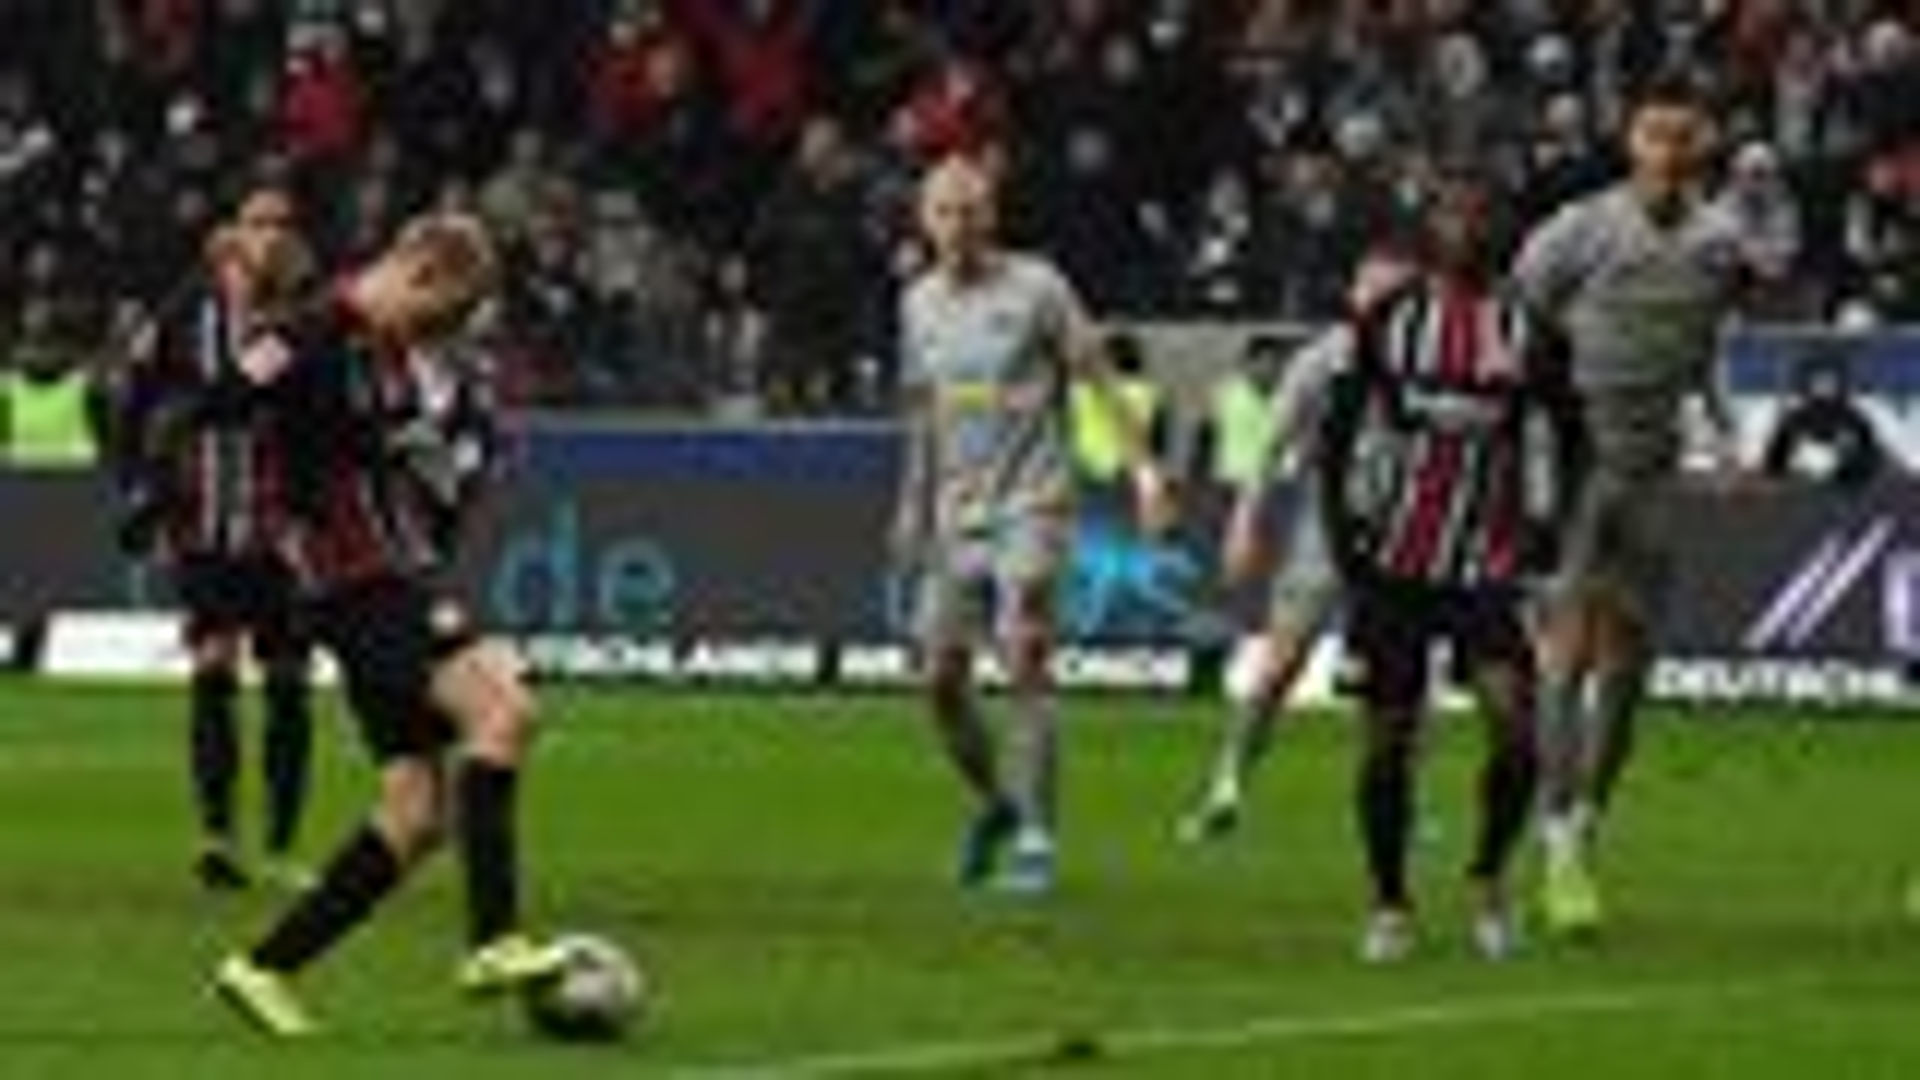 Rode rettet Frankfurt einen Punkt gegen Hertha